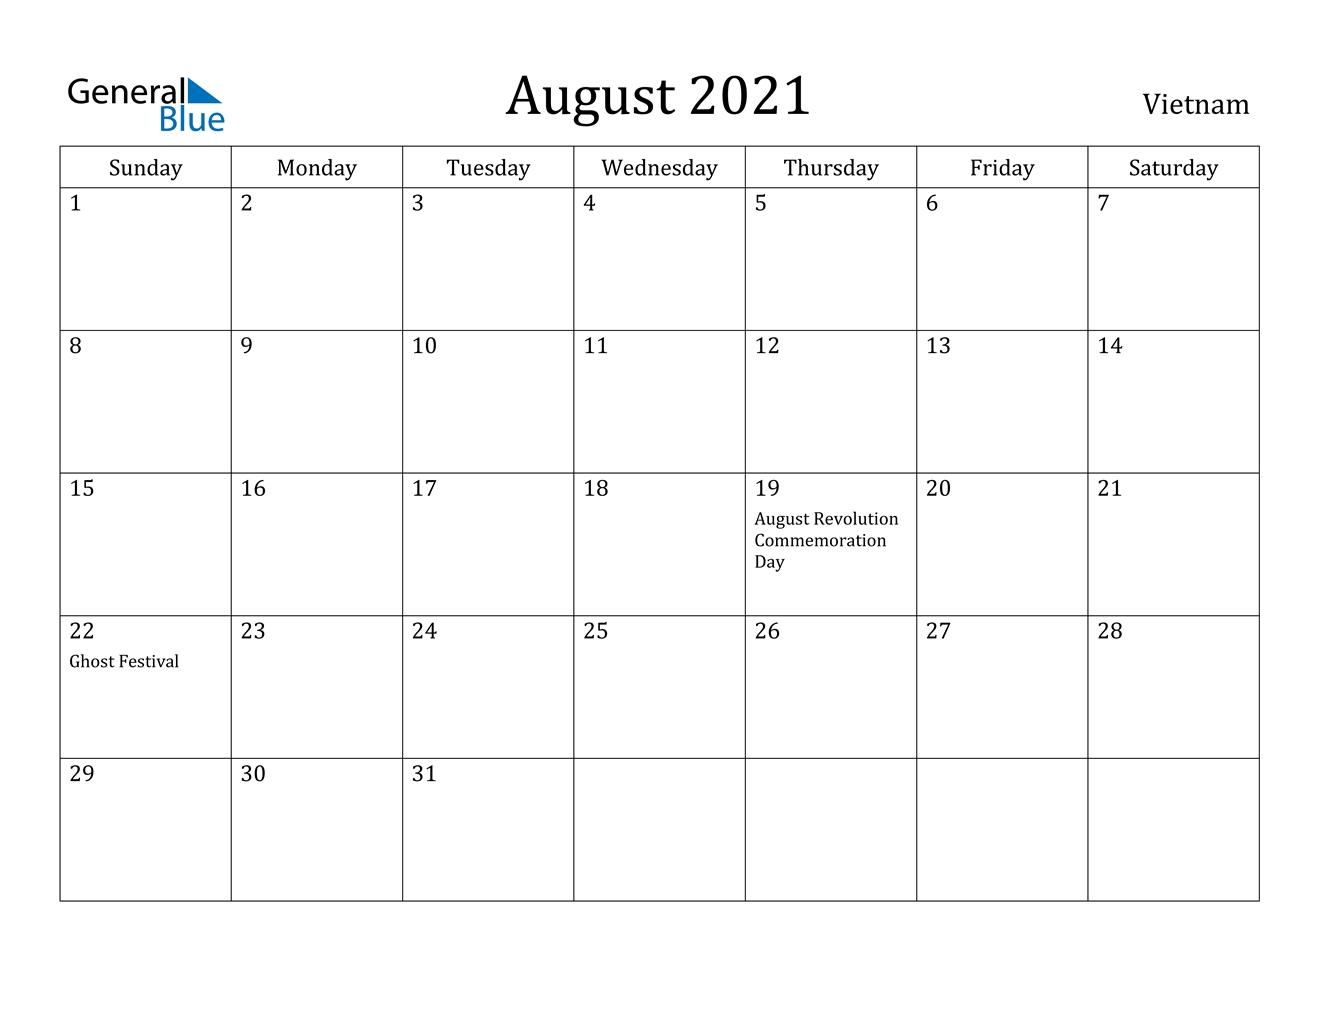 2021 Calendar August Festival | 2022 Calendar General Blue October 2021 Calendar